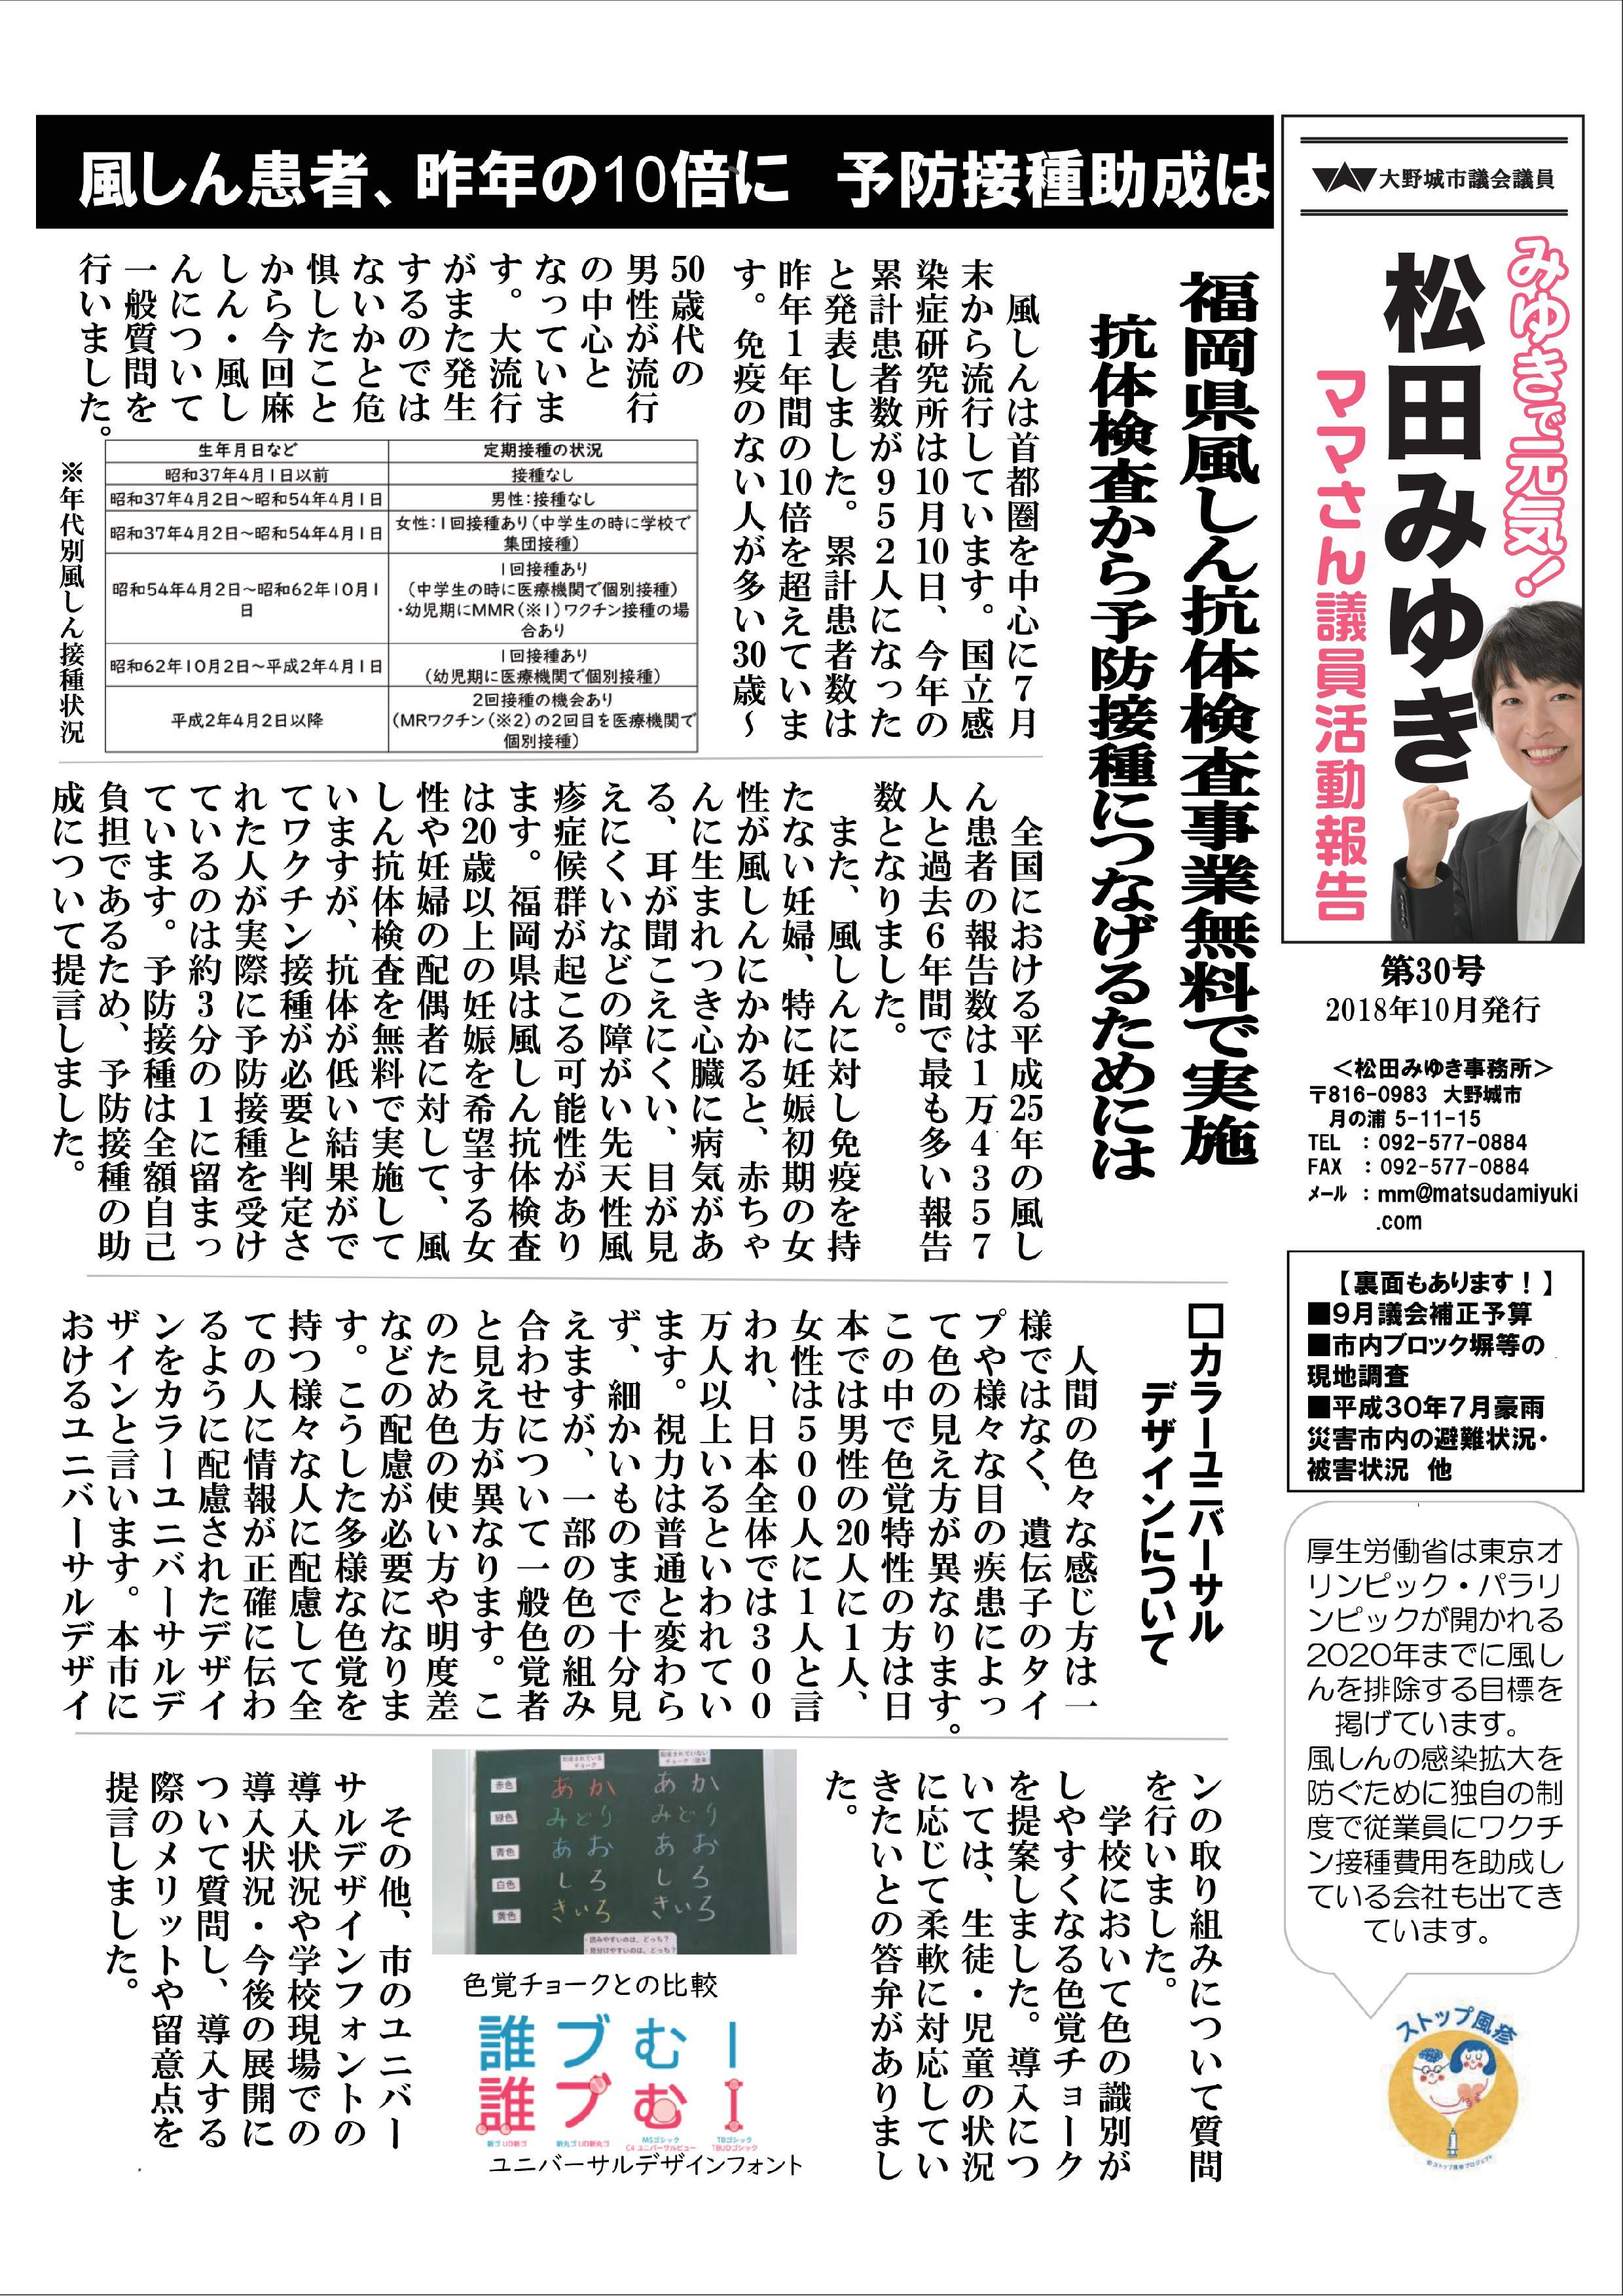 大野城市議会議員 松田みゆき 市政報告 第30号 01